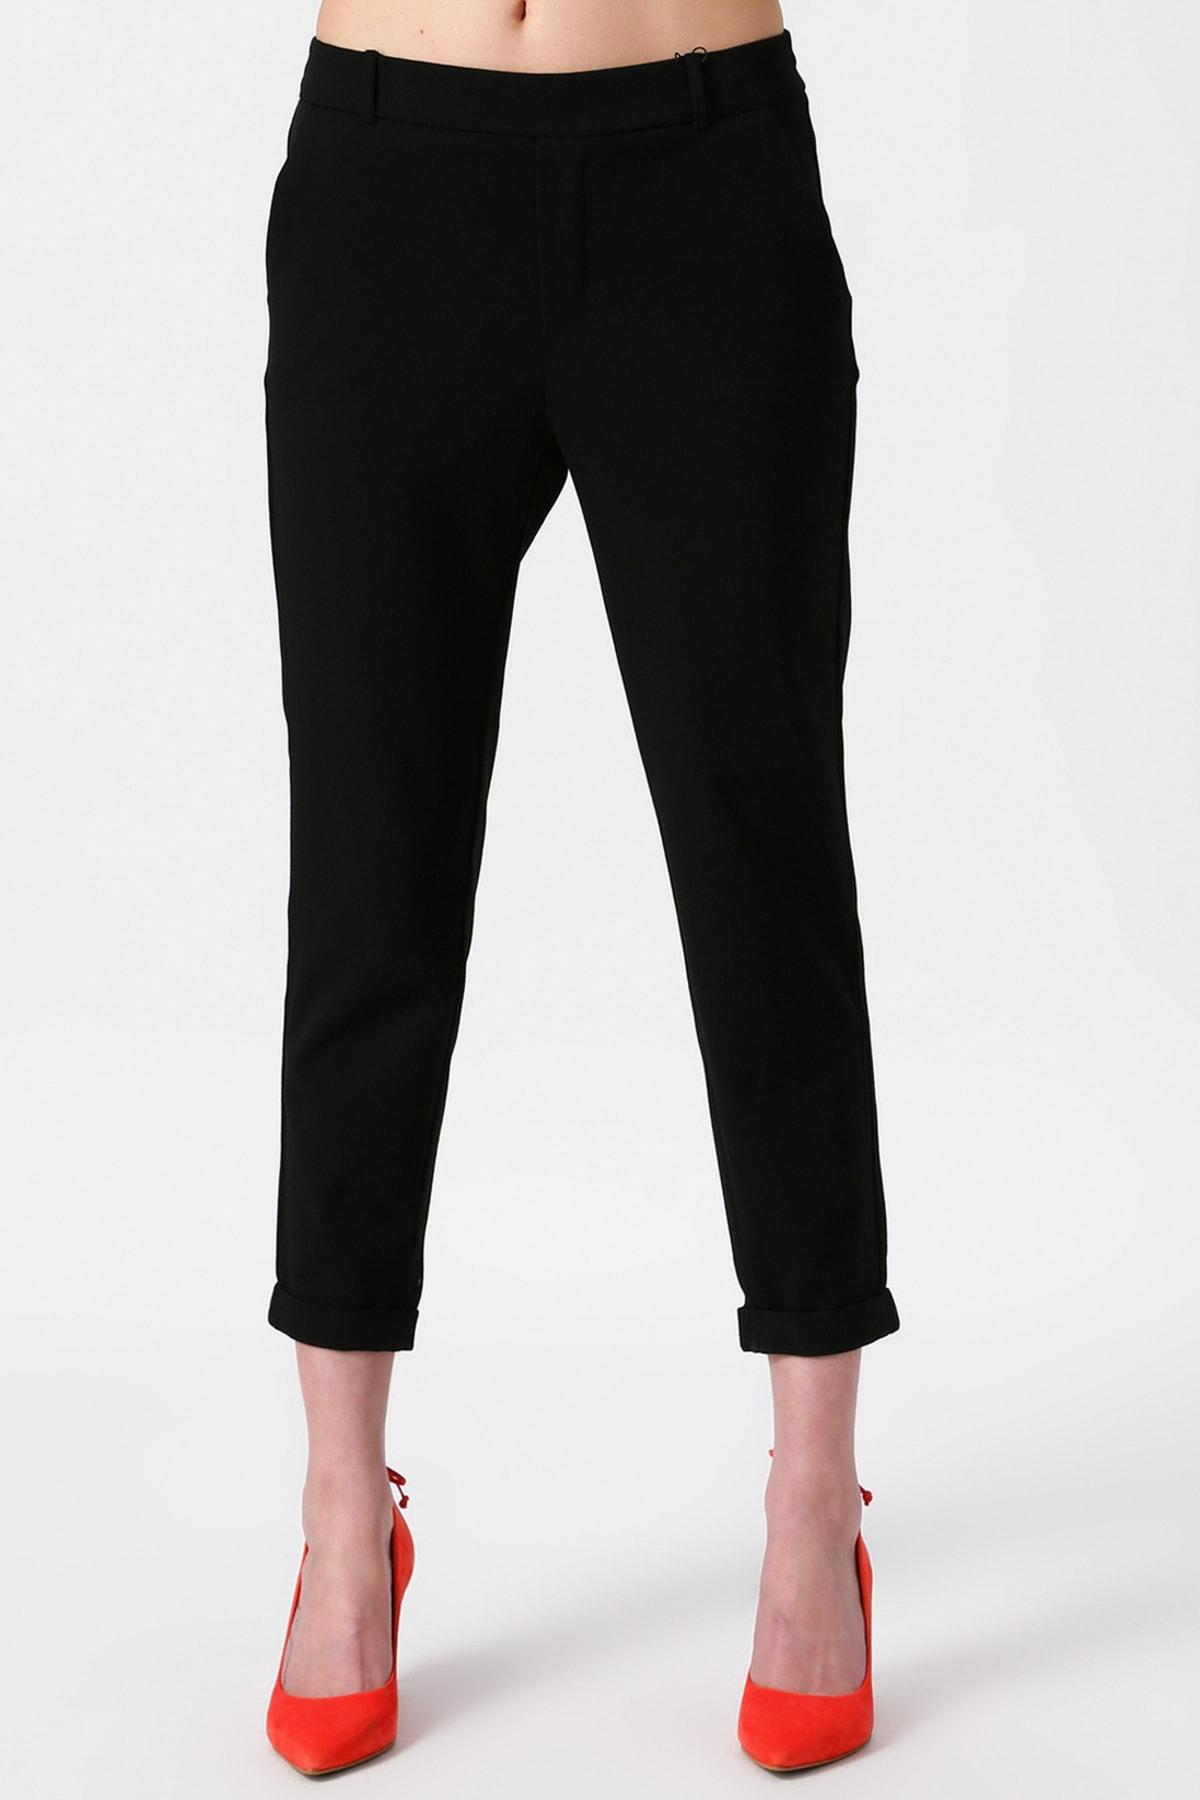 Vero Moda Kadın Siyah Salaş Desensiz Pantolon 10204396 VMMAYA 2